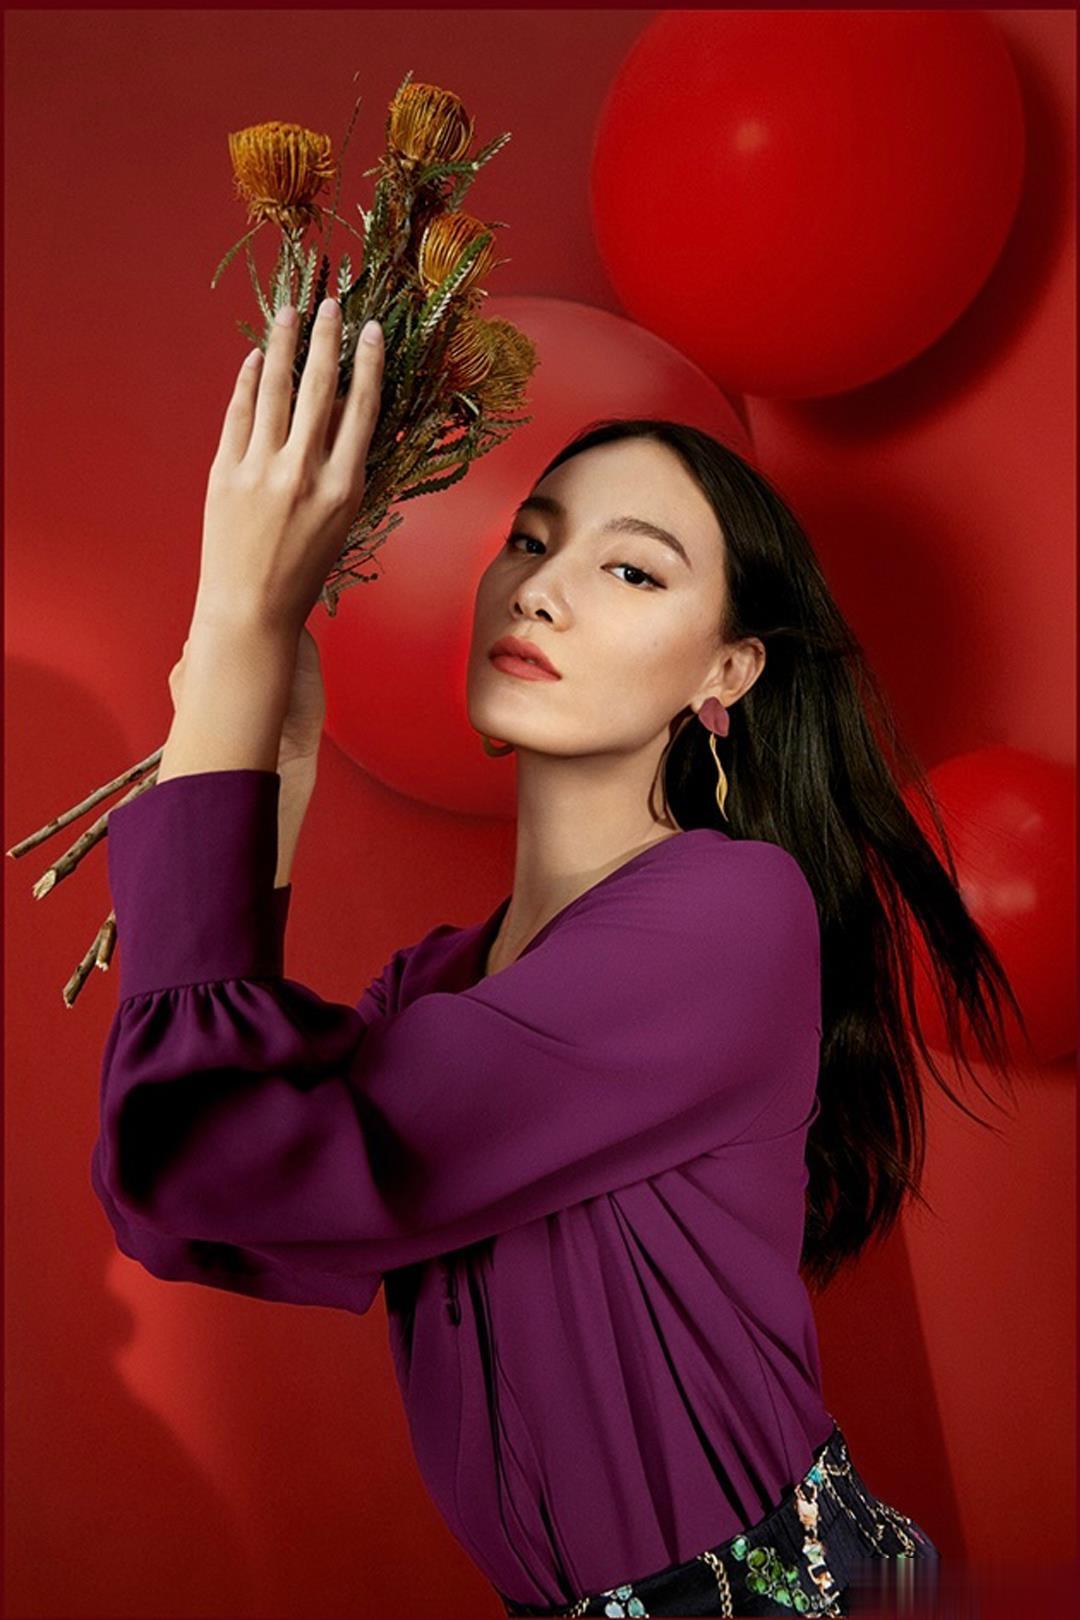 模特张晓彤JZ玖姿中国红的主题大片